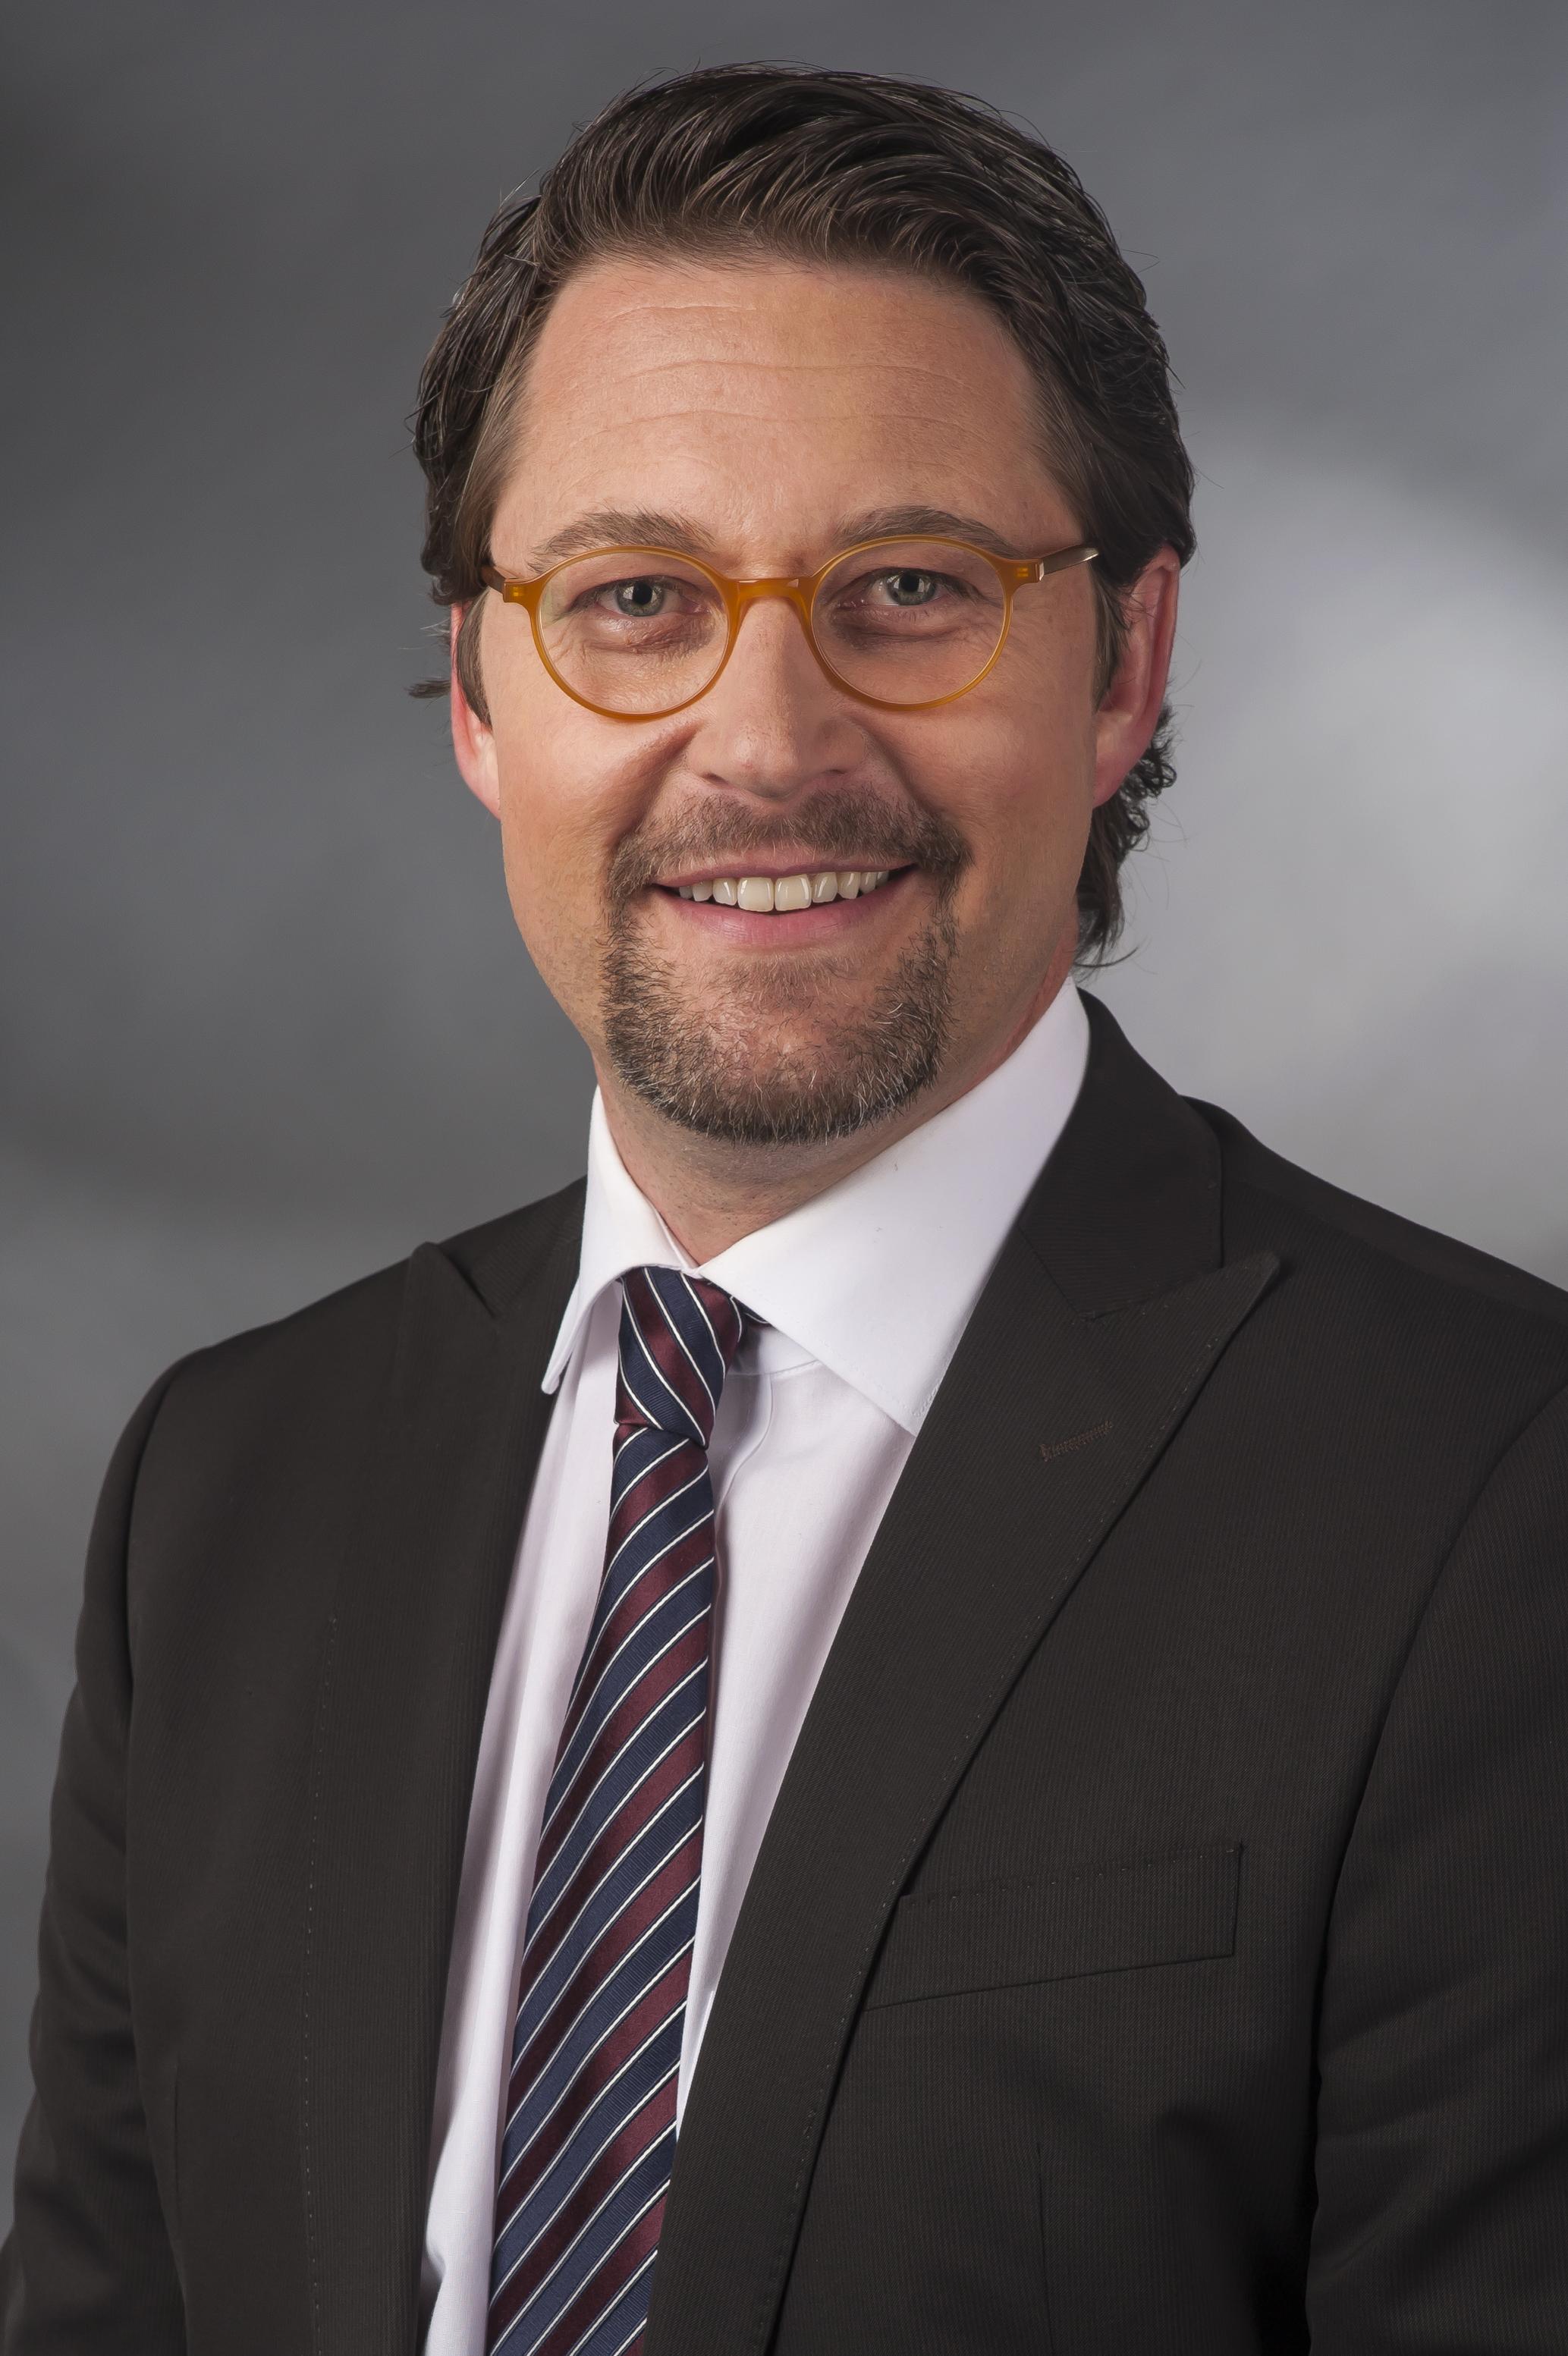 Wikimedia image: Andreas Franz Scheuer (* 26. September 1974 in Passau) ist ein deutscher Politiker (CSU) Image License: Creative Commons CC BY-SA 4.0.